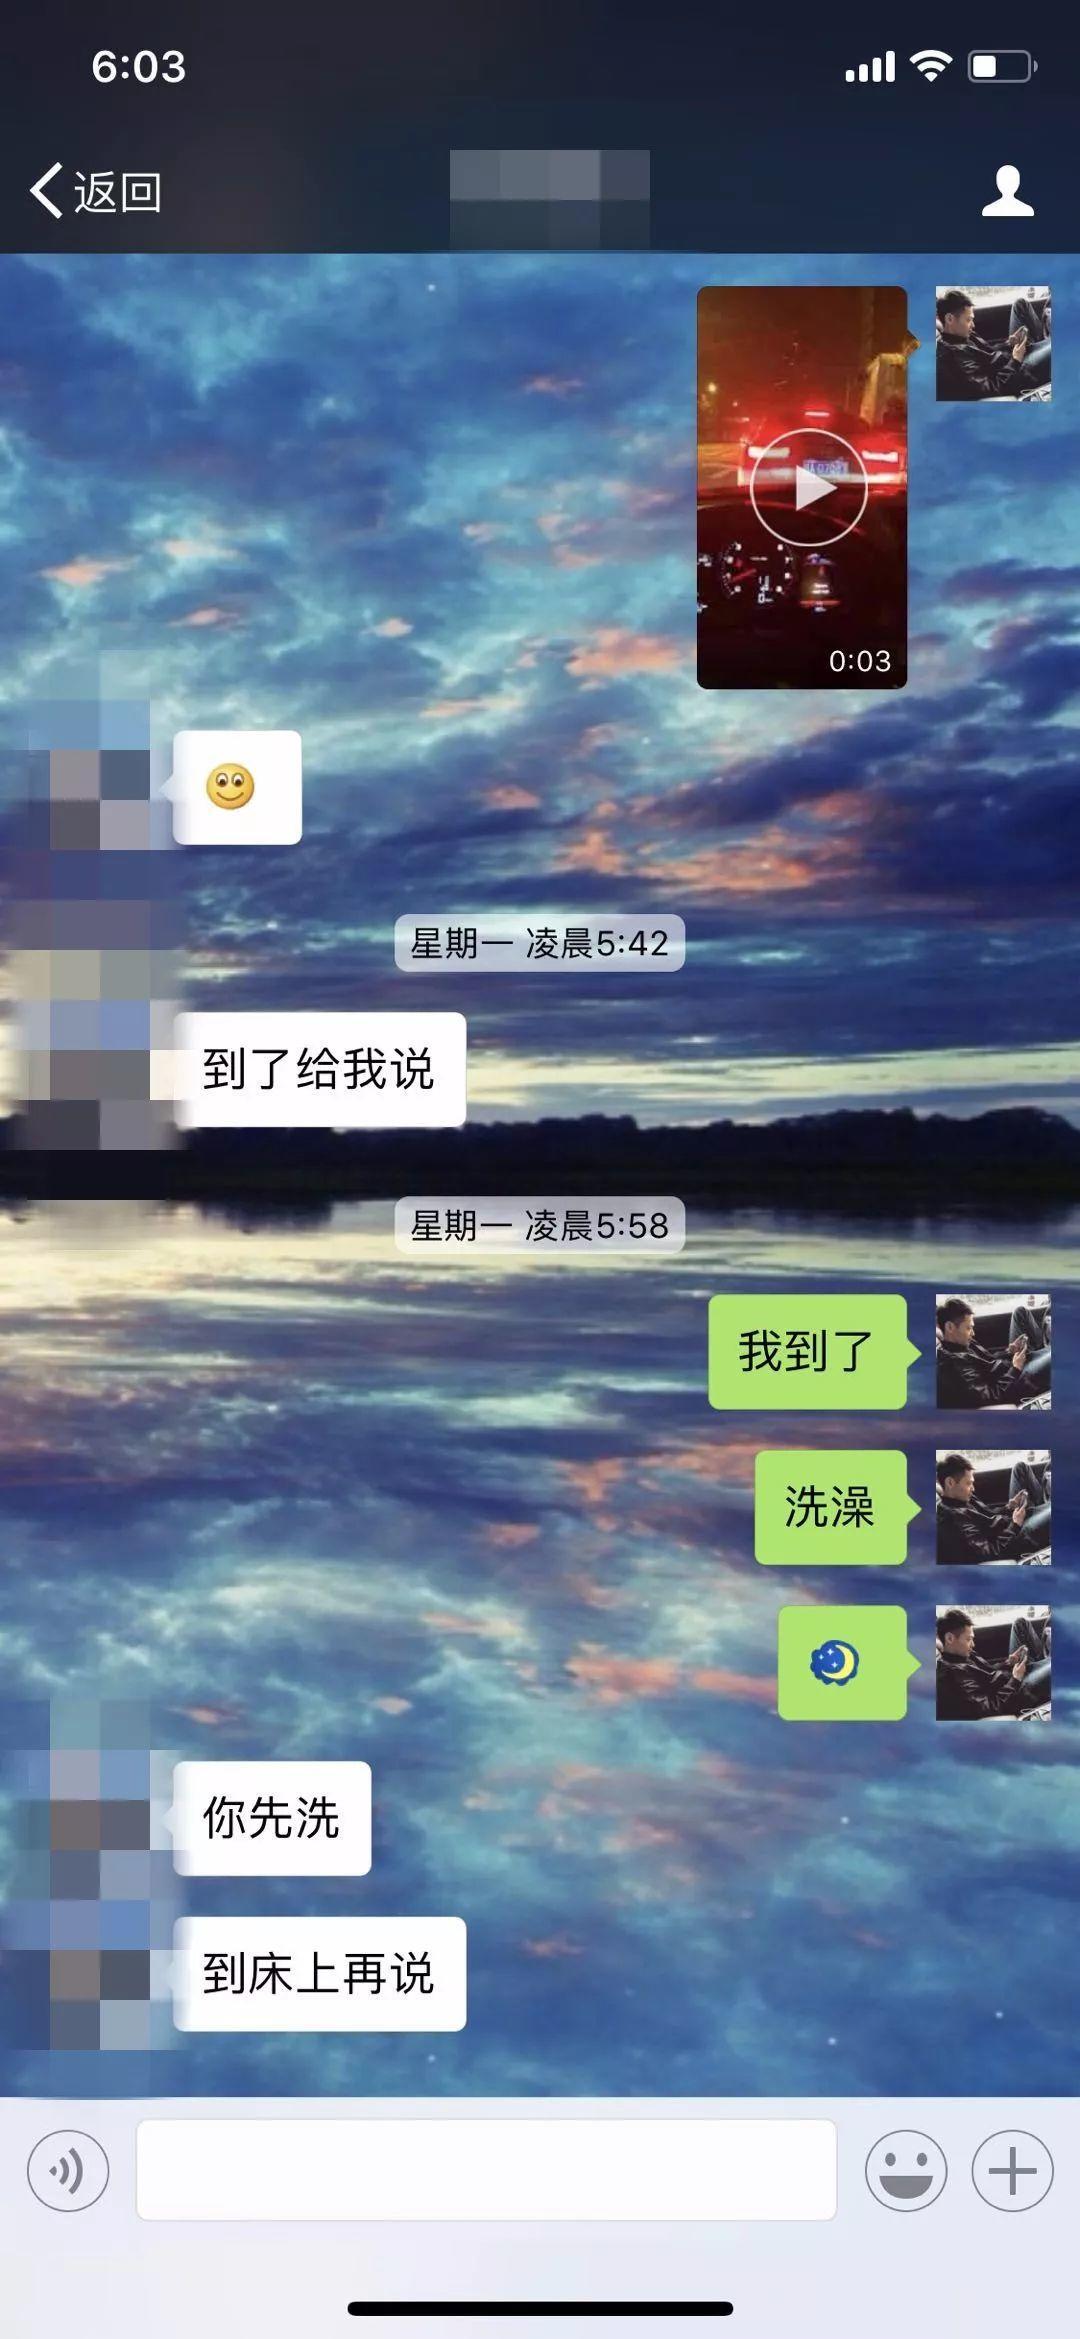 风辰实战录丨夜店女王热舞后泼酒为我争风吃醋?-风辰恋爱PUA